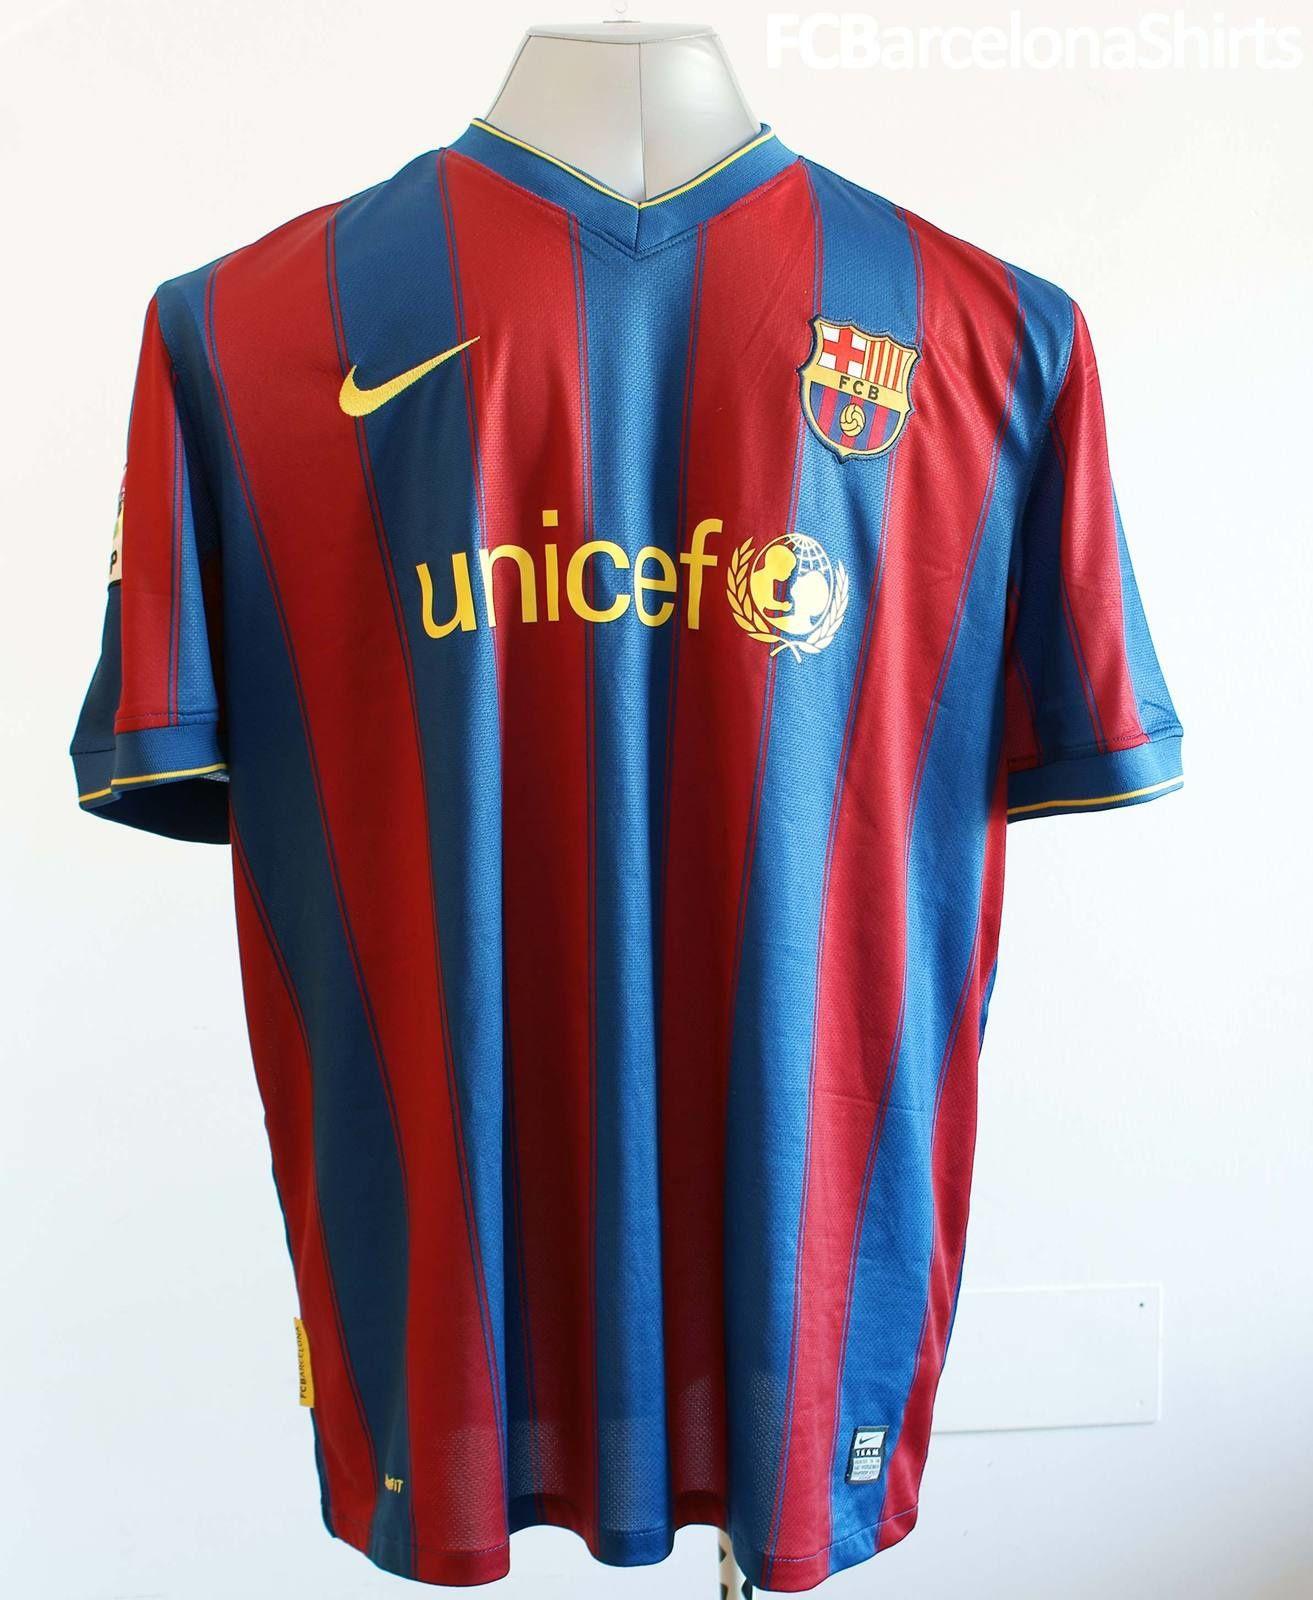 Les maillots du Barça